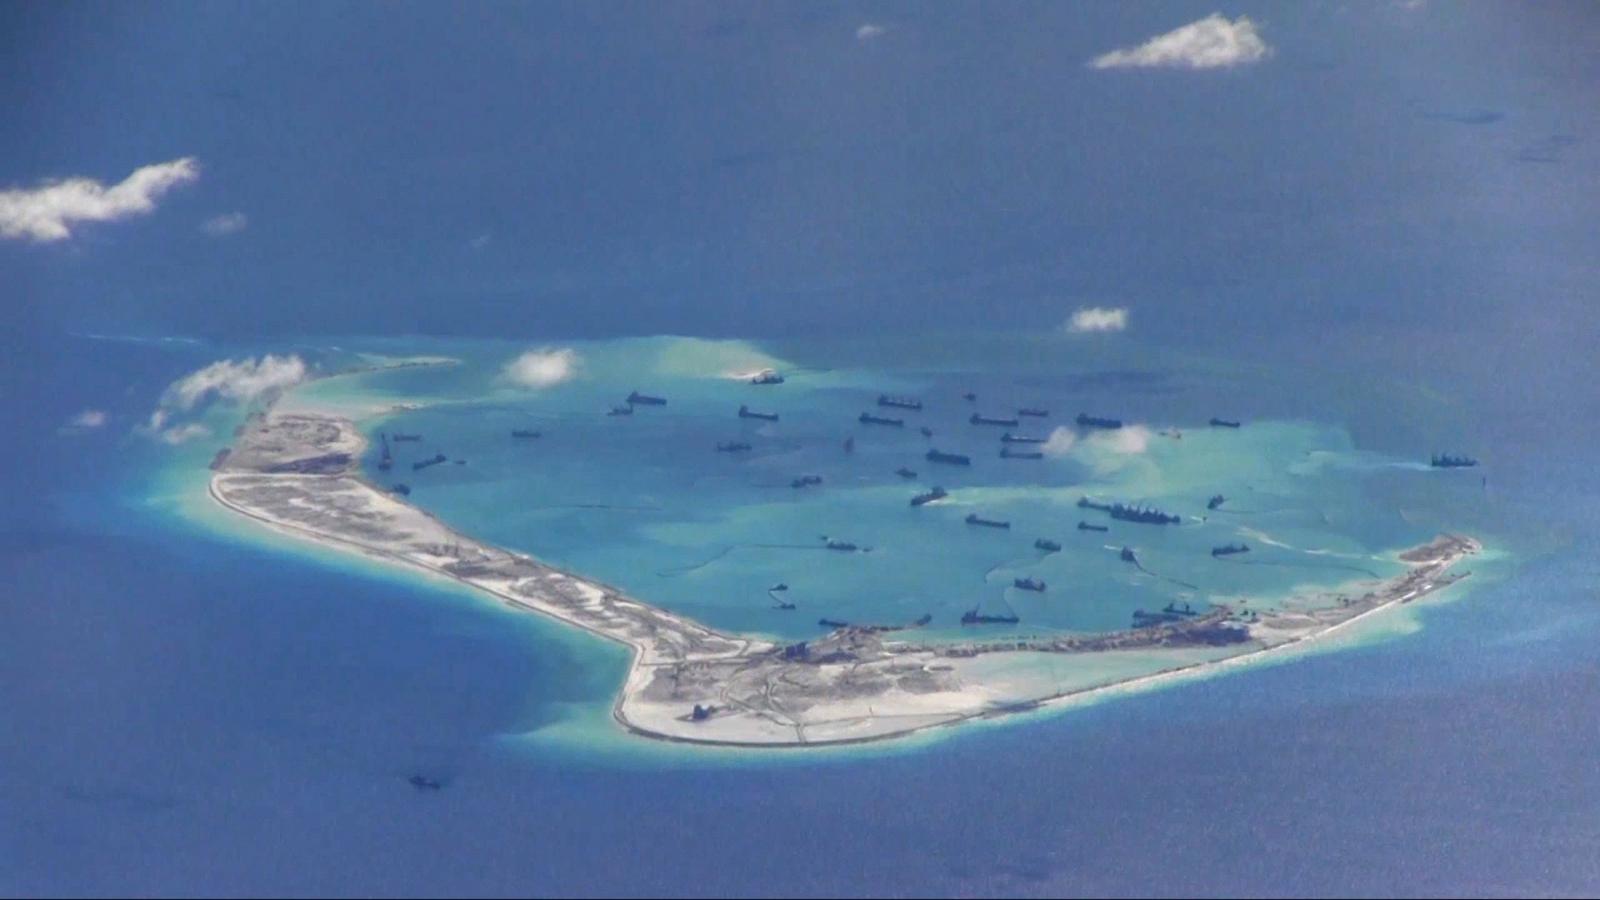 South China Sea territorial disputes